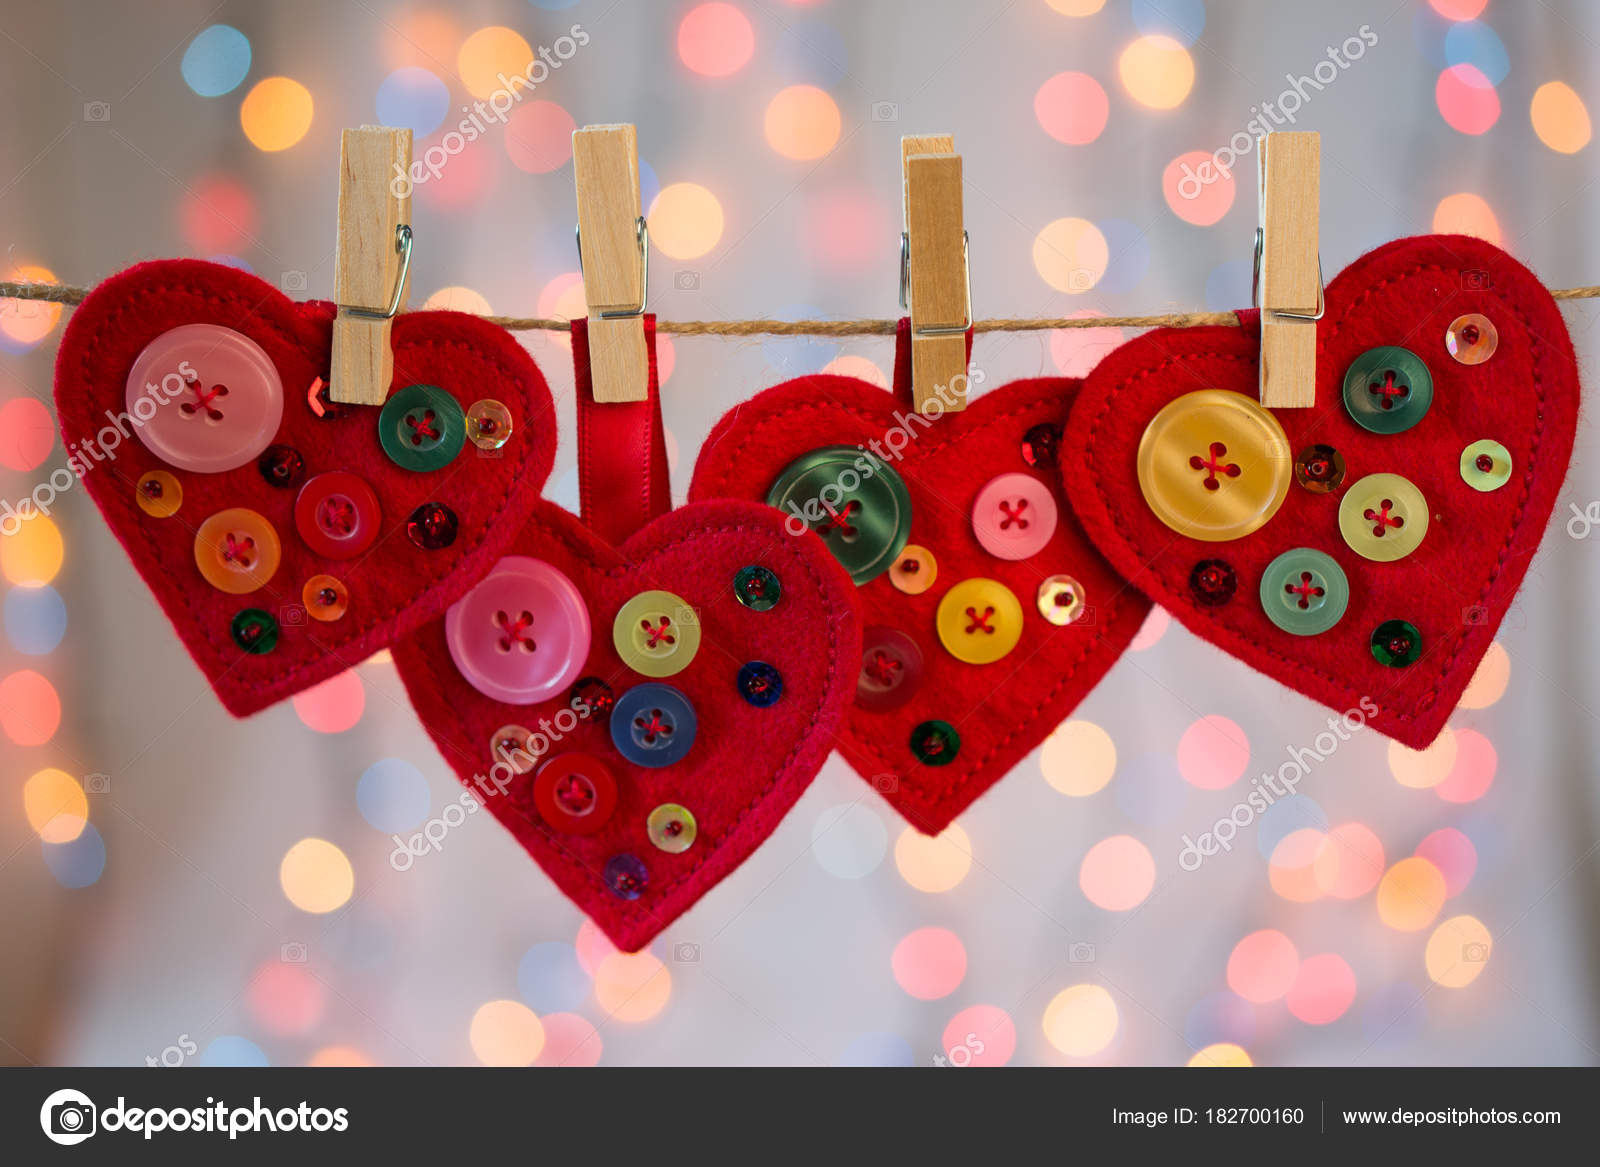 Manualidades Corazones Fieltro Rojo Decoracion Con Perlas Botones - Decoracion-san-valentin-manualidades